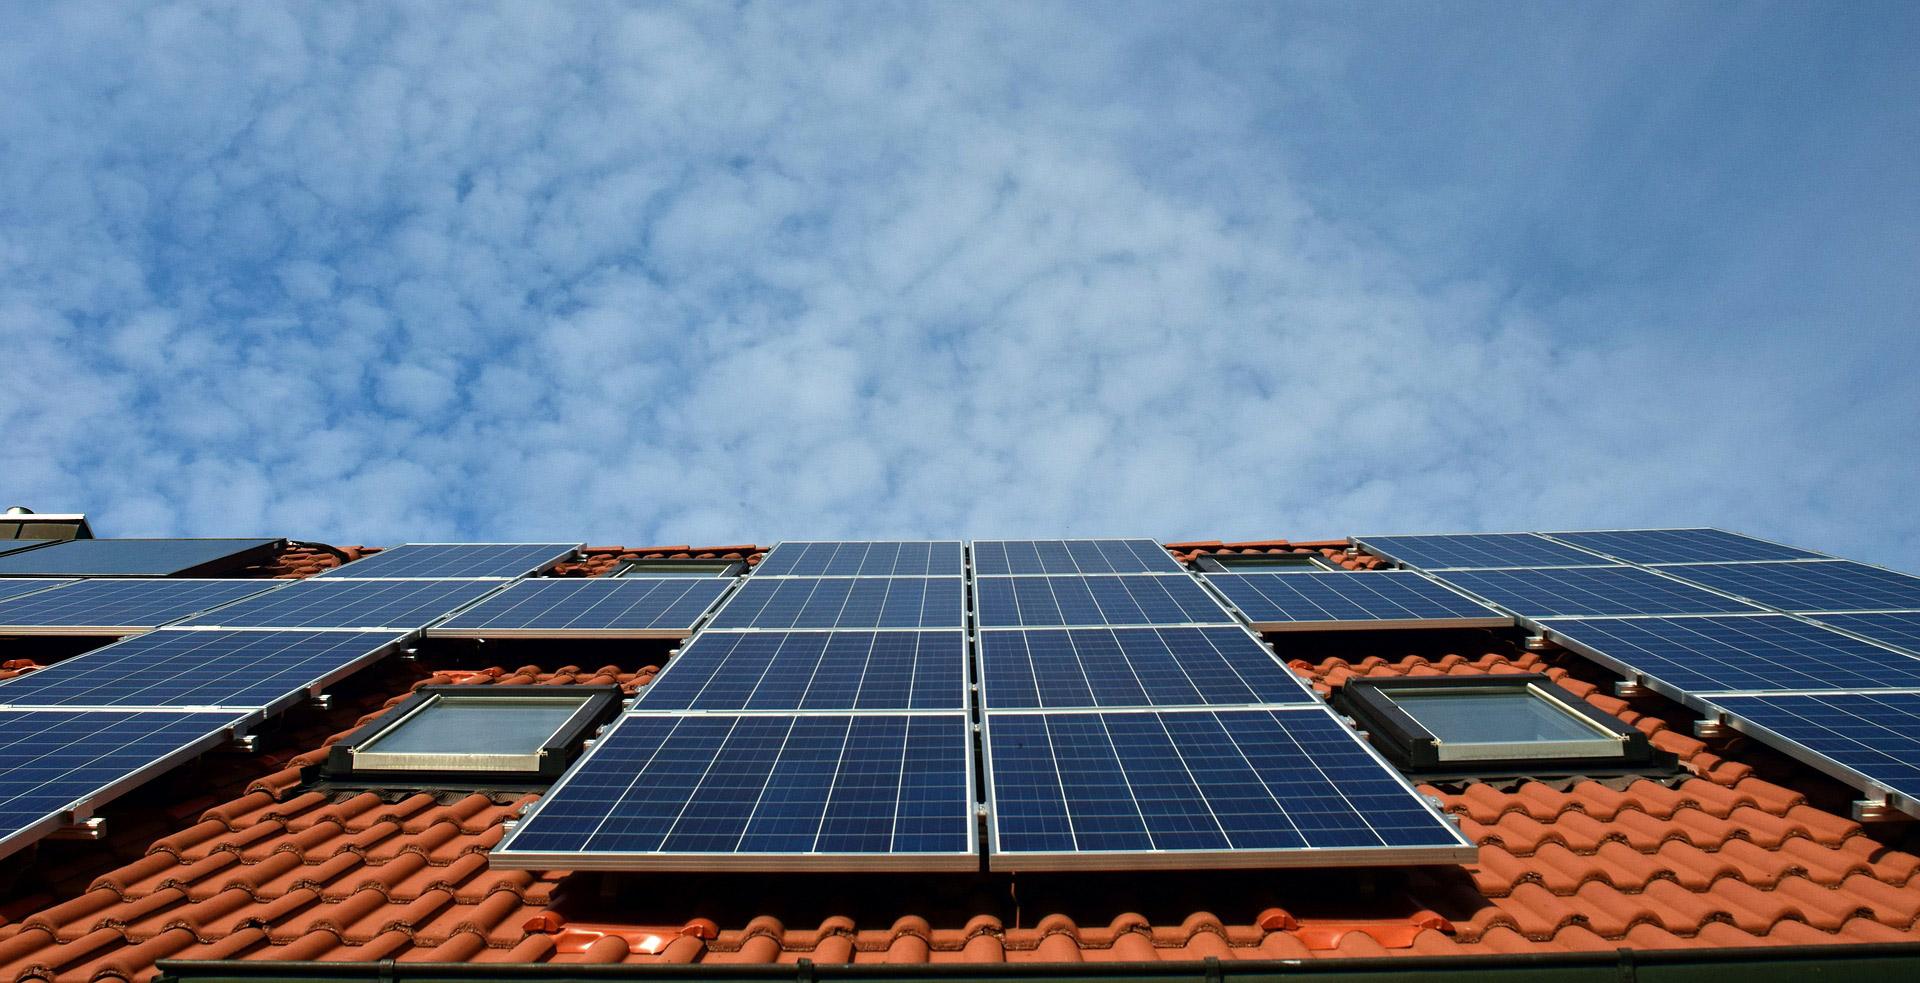 solar system panneau toiture - énergies renouvelables - énergies renouvelables